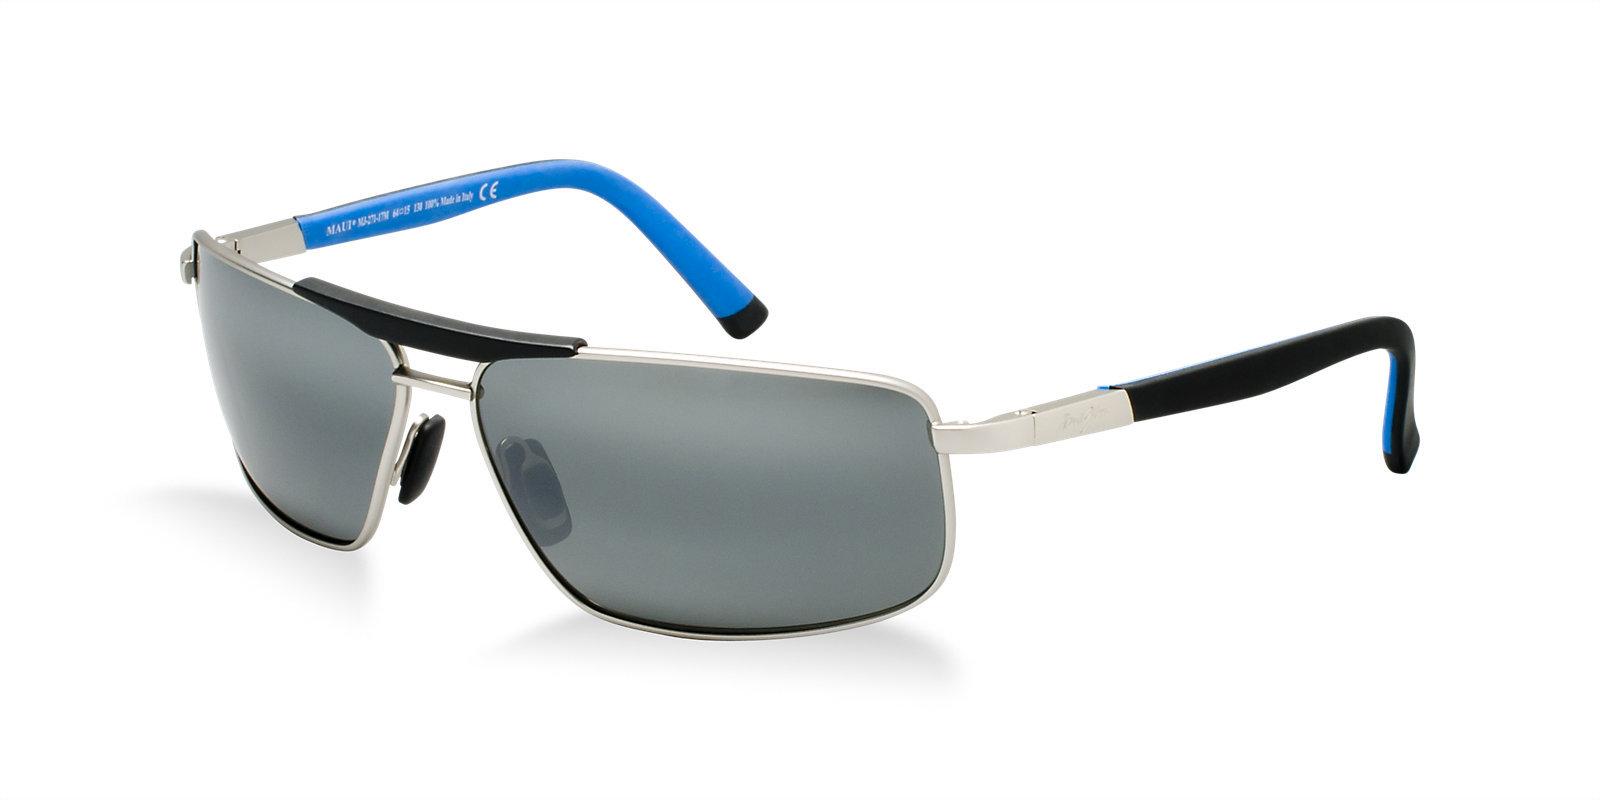 c4013e52bc69 New Authentic Maui Jim Keanu Sunglasses Maui and 50 similar items.  603429026608 shad qt